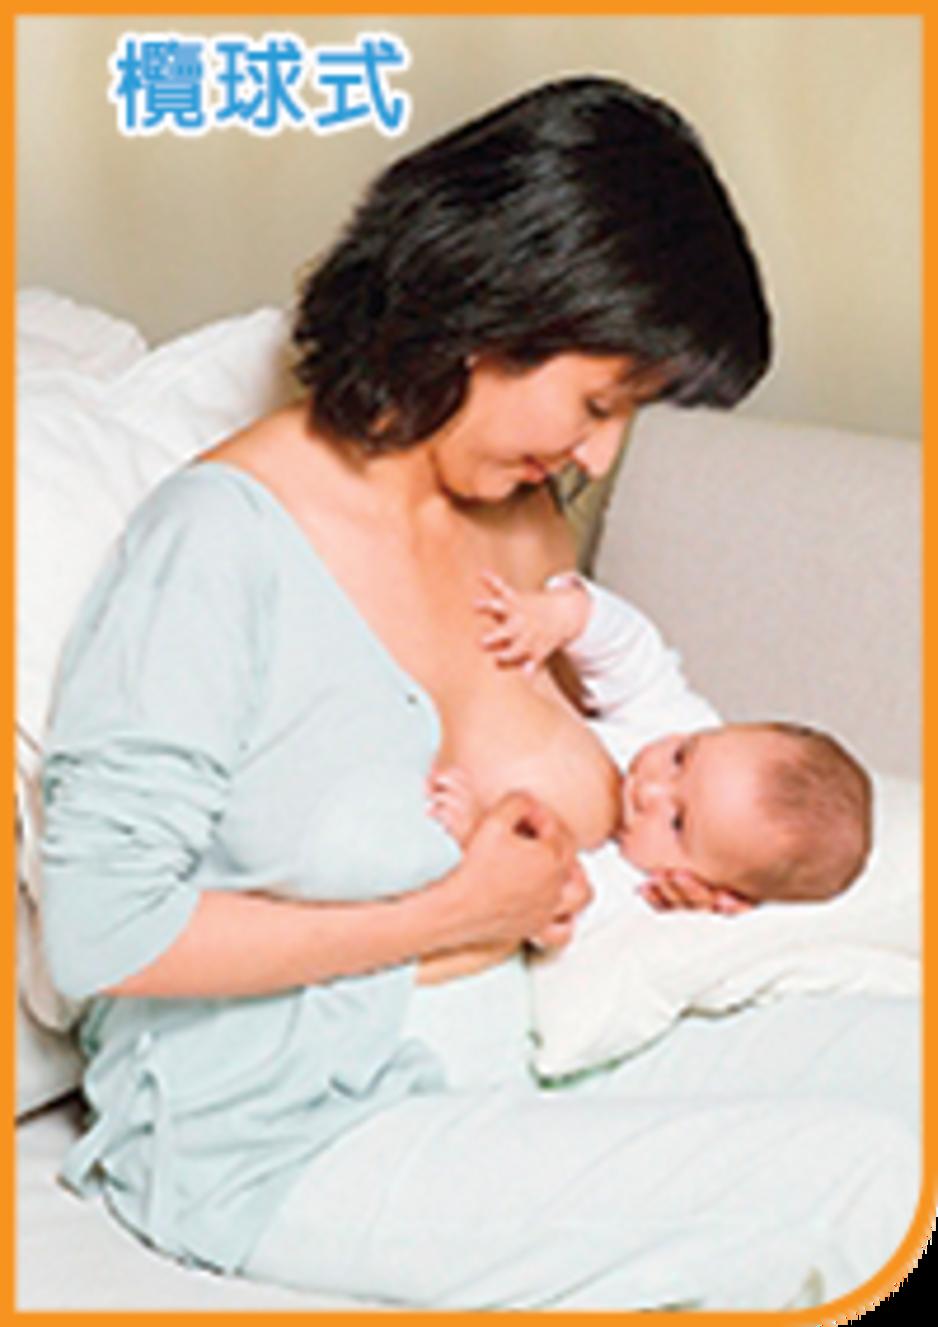 母乳, breastpump, medela